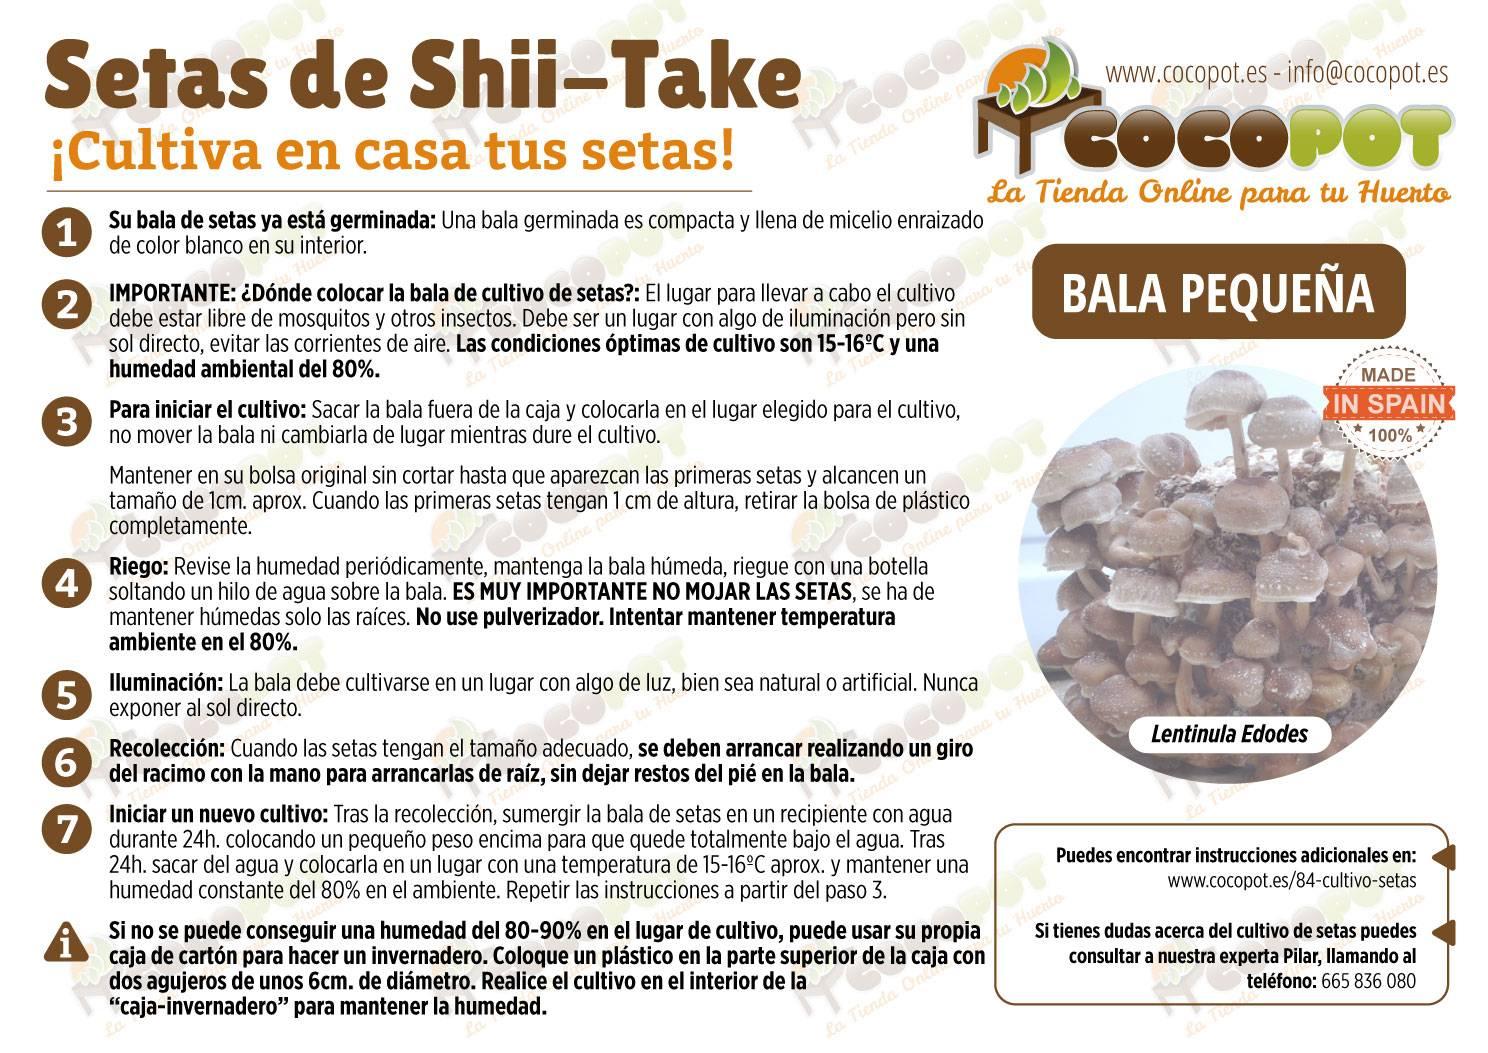 cultivar shii take